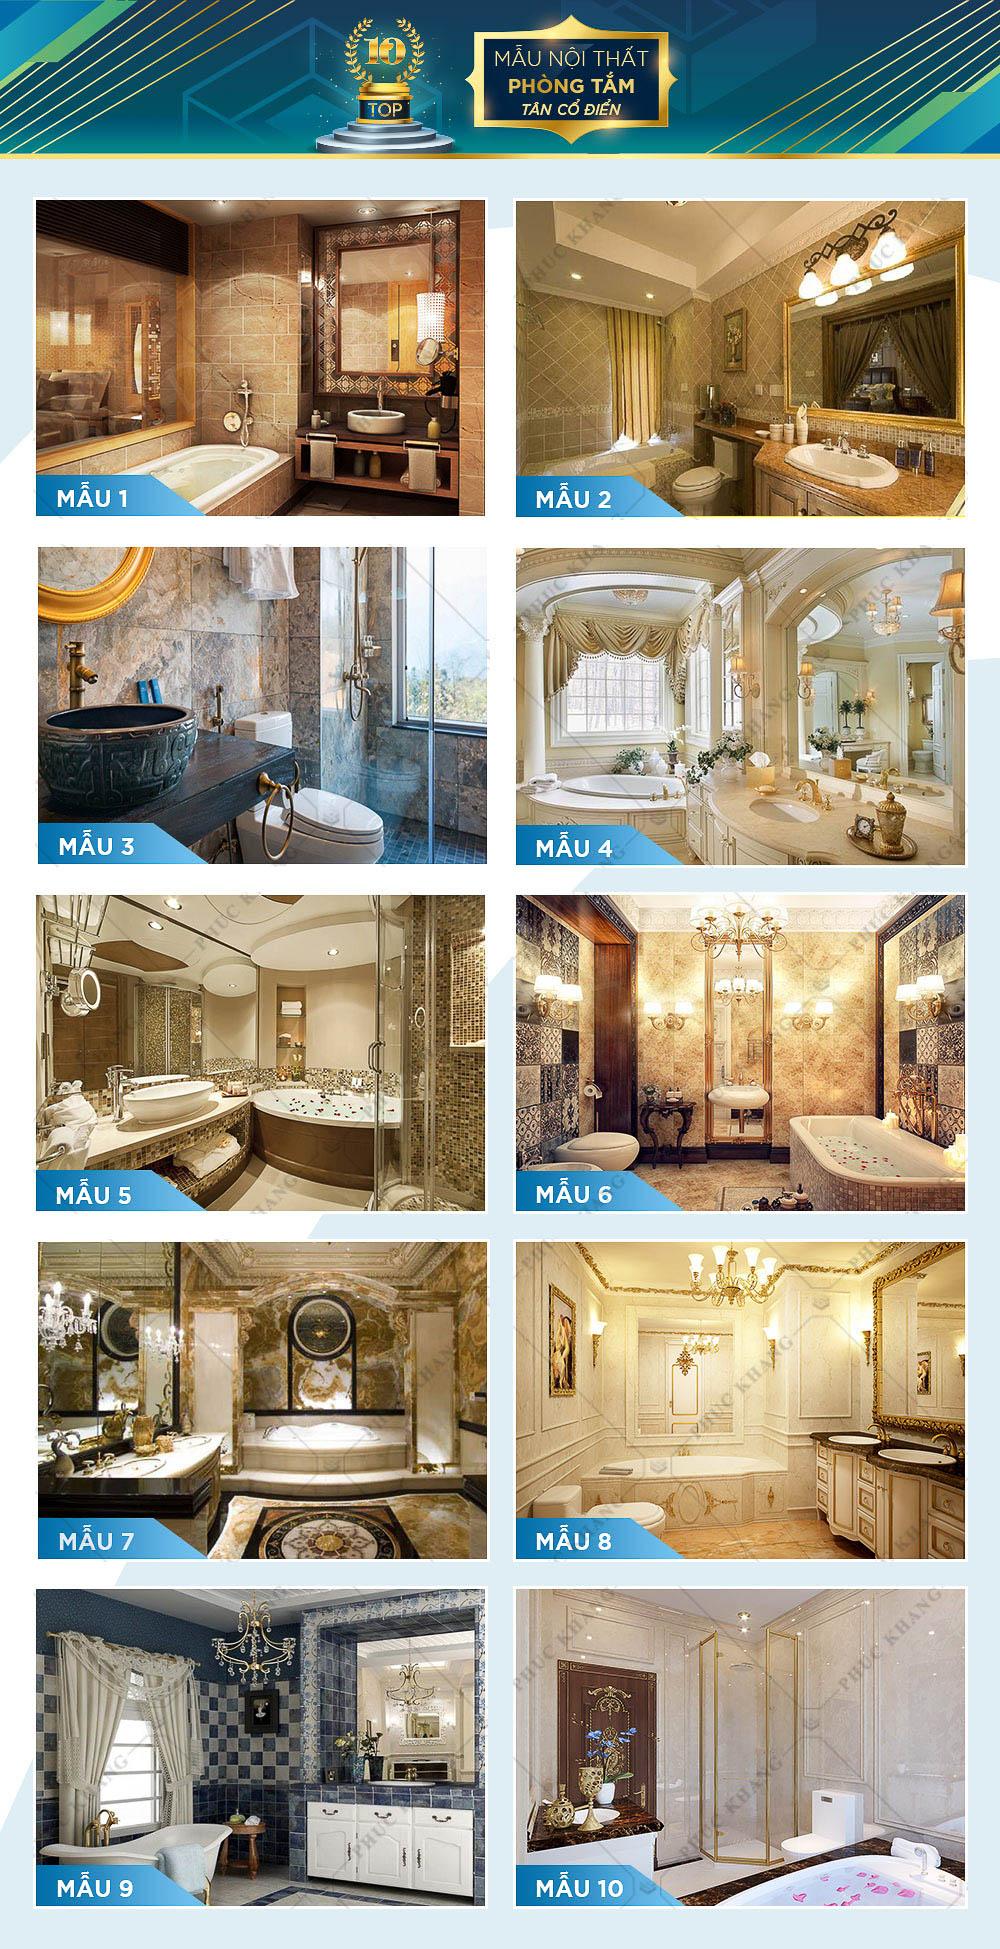 mẫu nội thất phòng tắm và nhà vệ sinh tân cổ điển đẹp